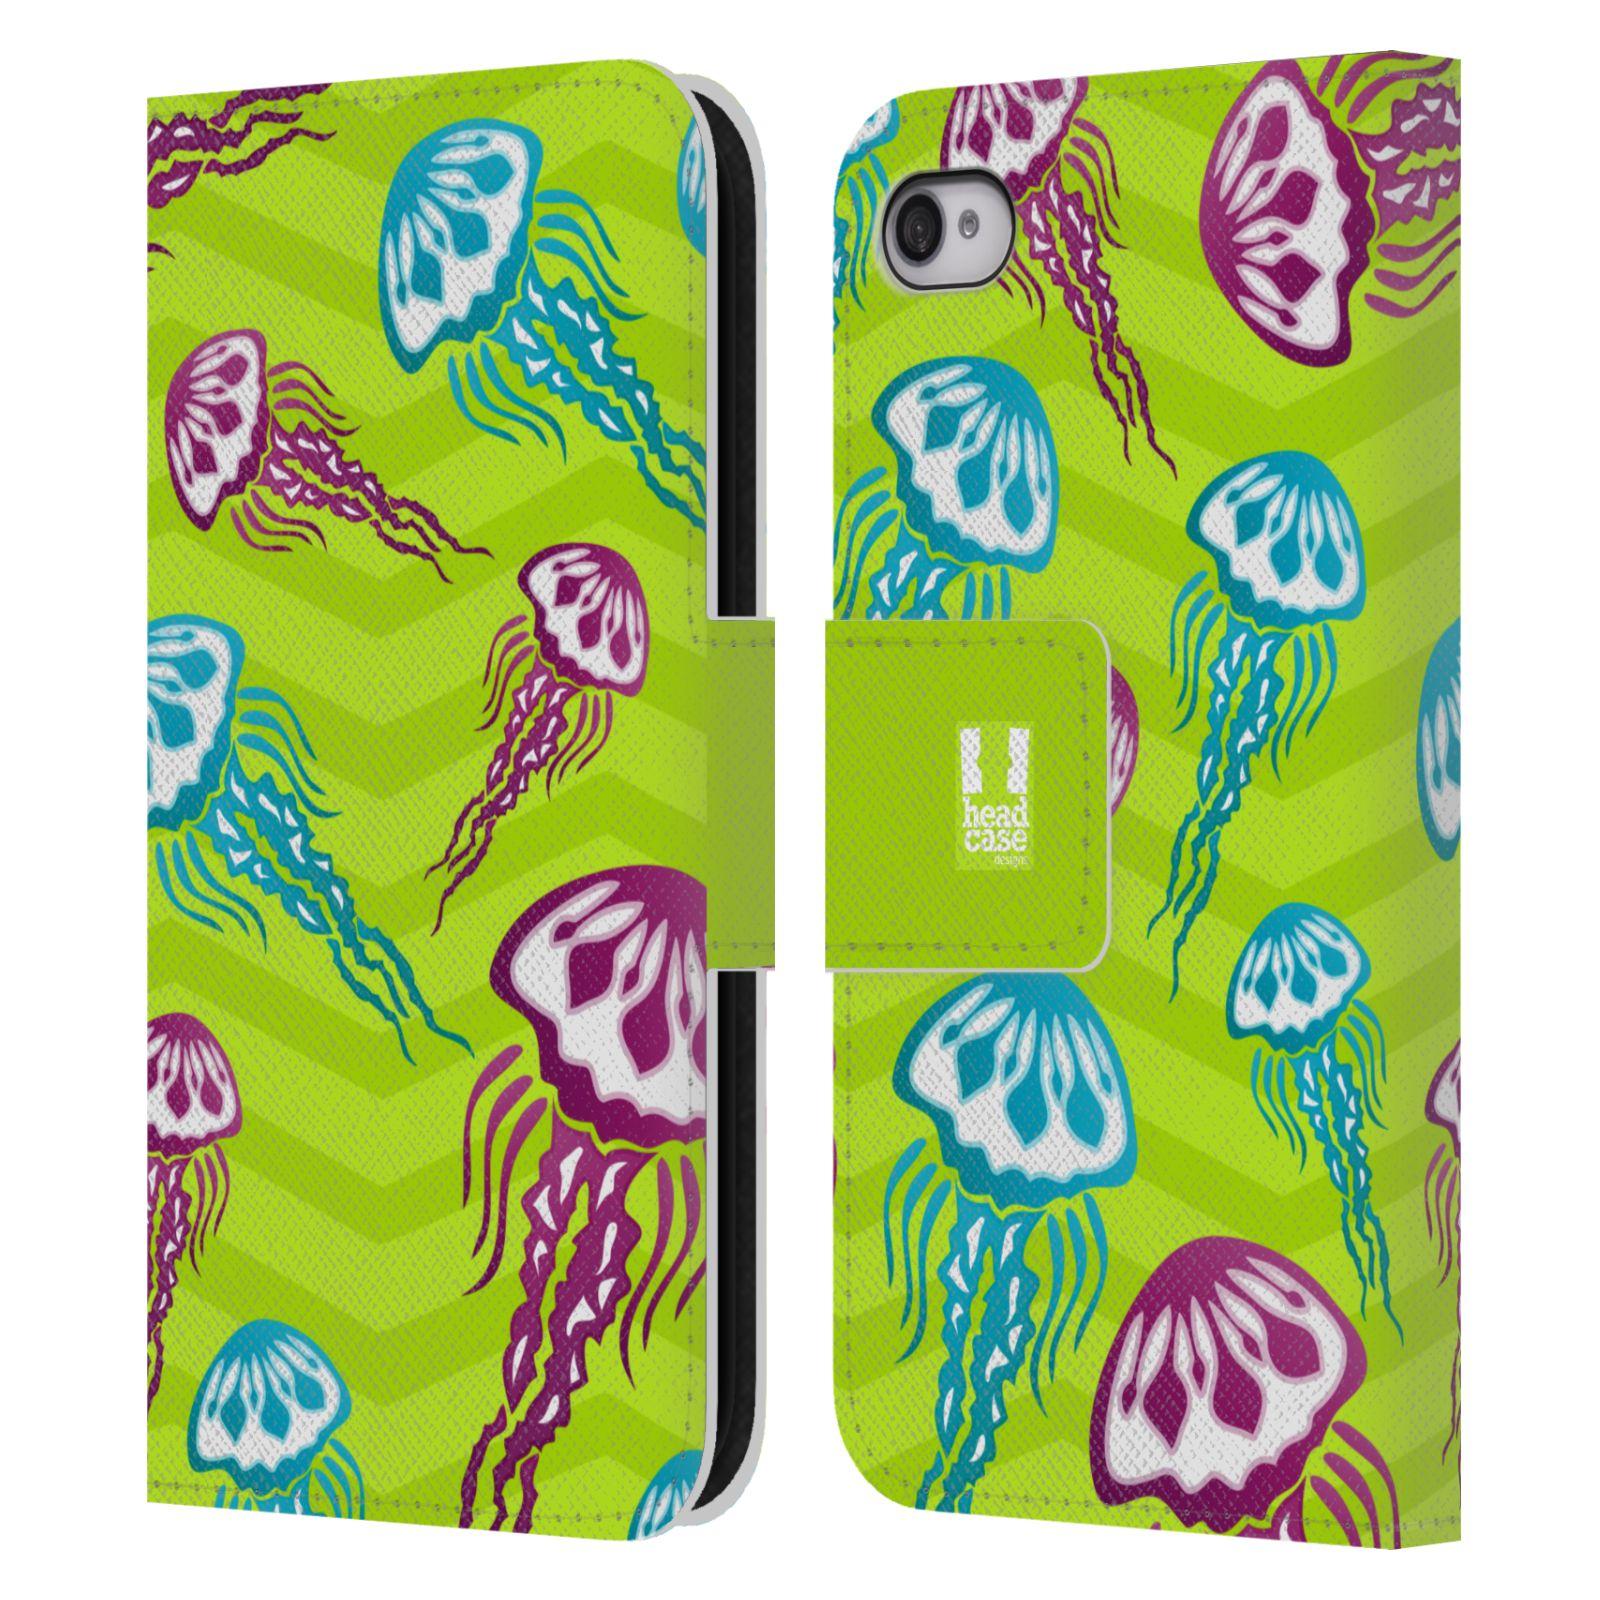 HEAD CASE Flipové pouzdro pro mobil Apple Iphone 4/4s Mořský živočich medůza zelená barva